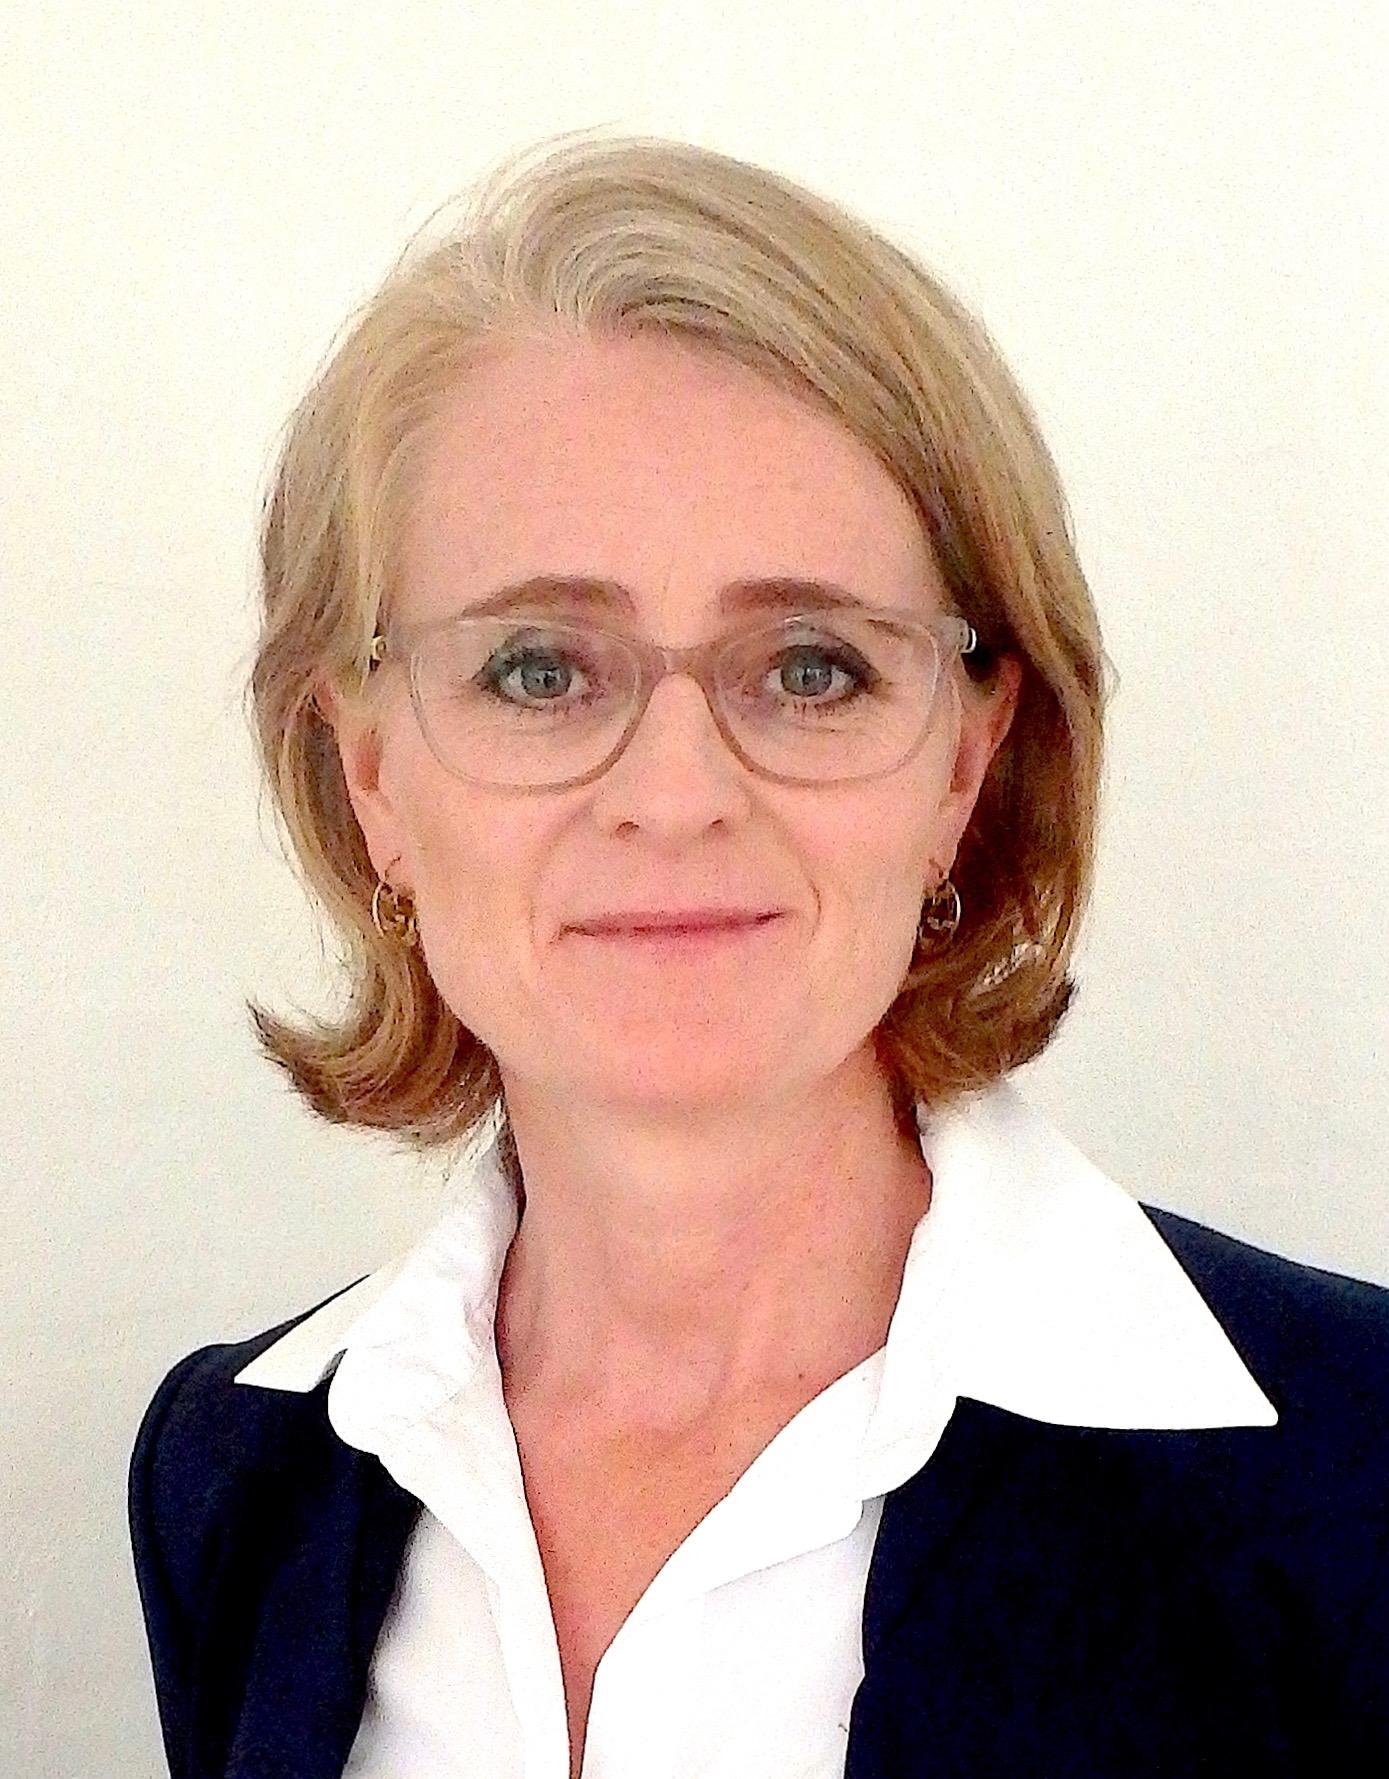 Birgit Alsbjerg, M.D.